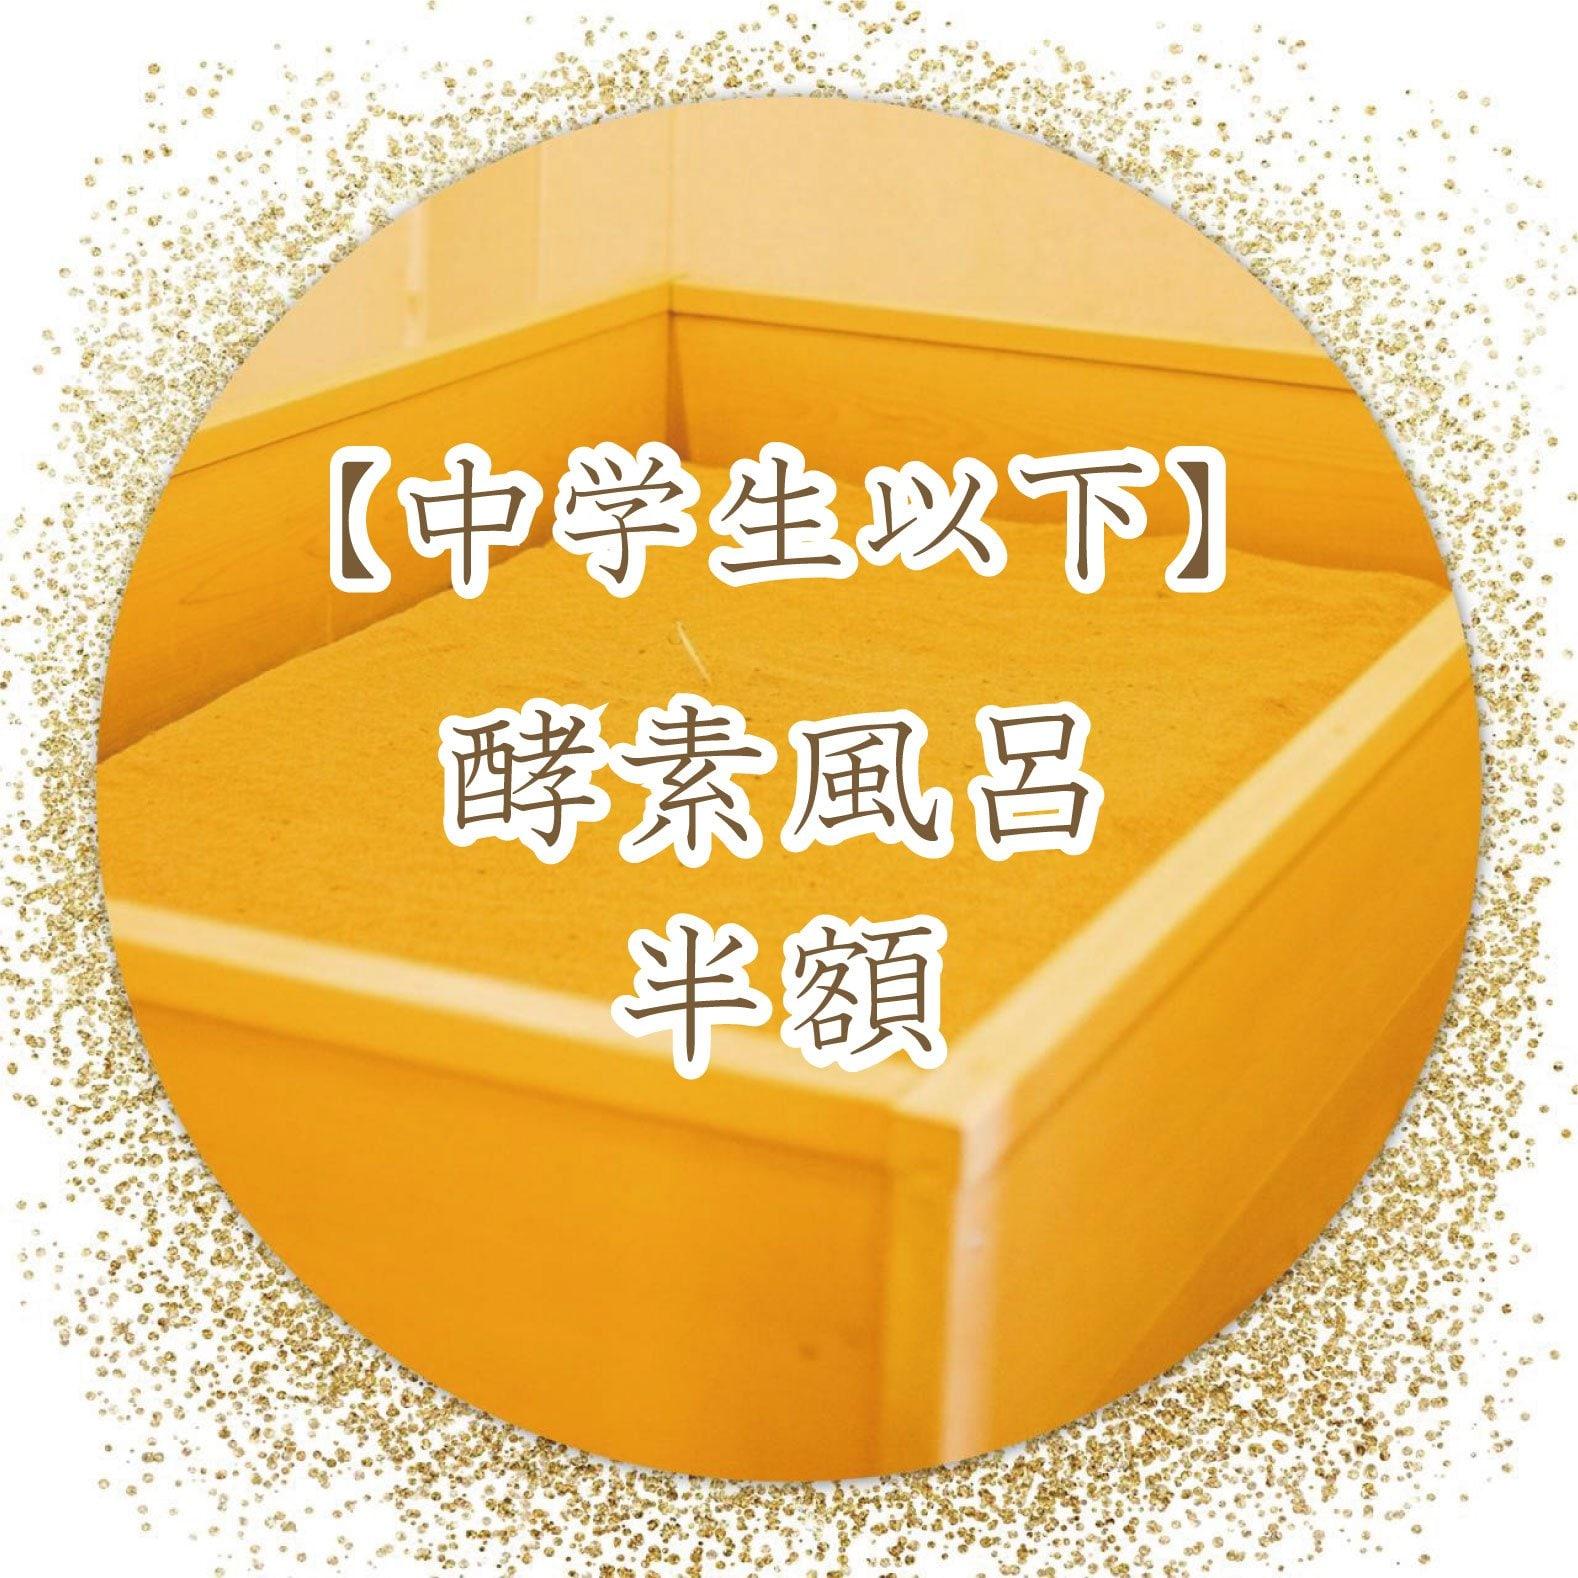 [中学生以下]酵素風呂 ご利用チケット №11【現地払い専用】のイメージその1